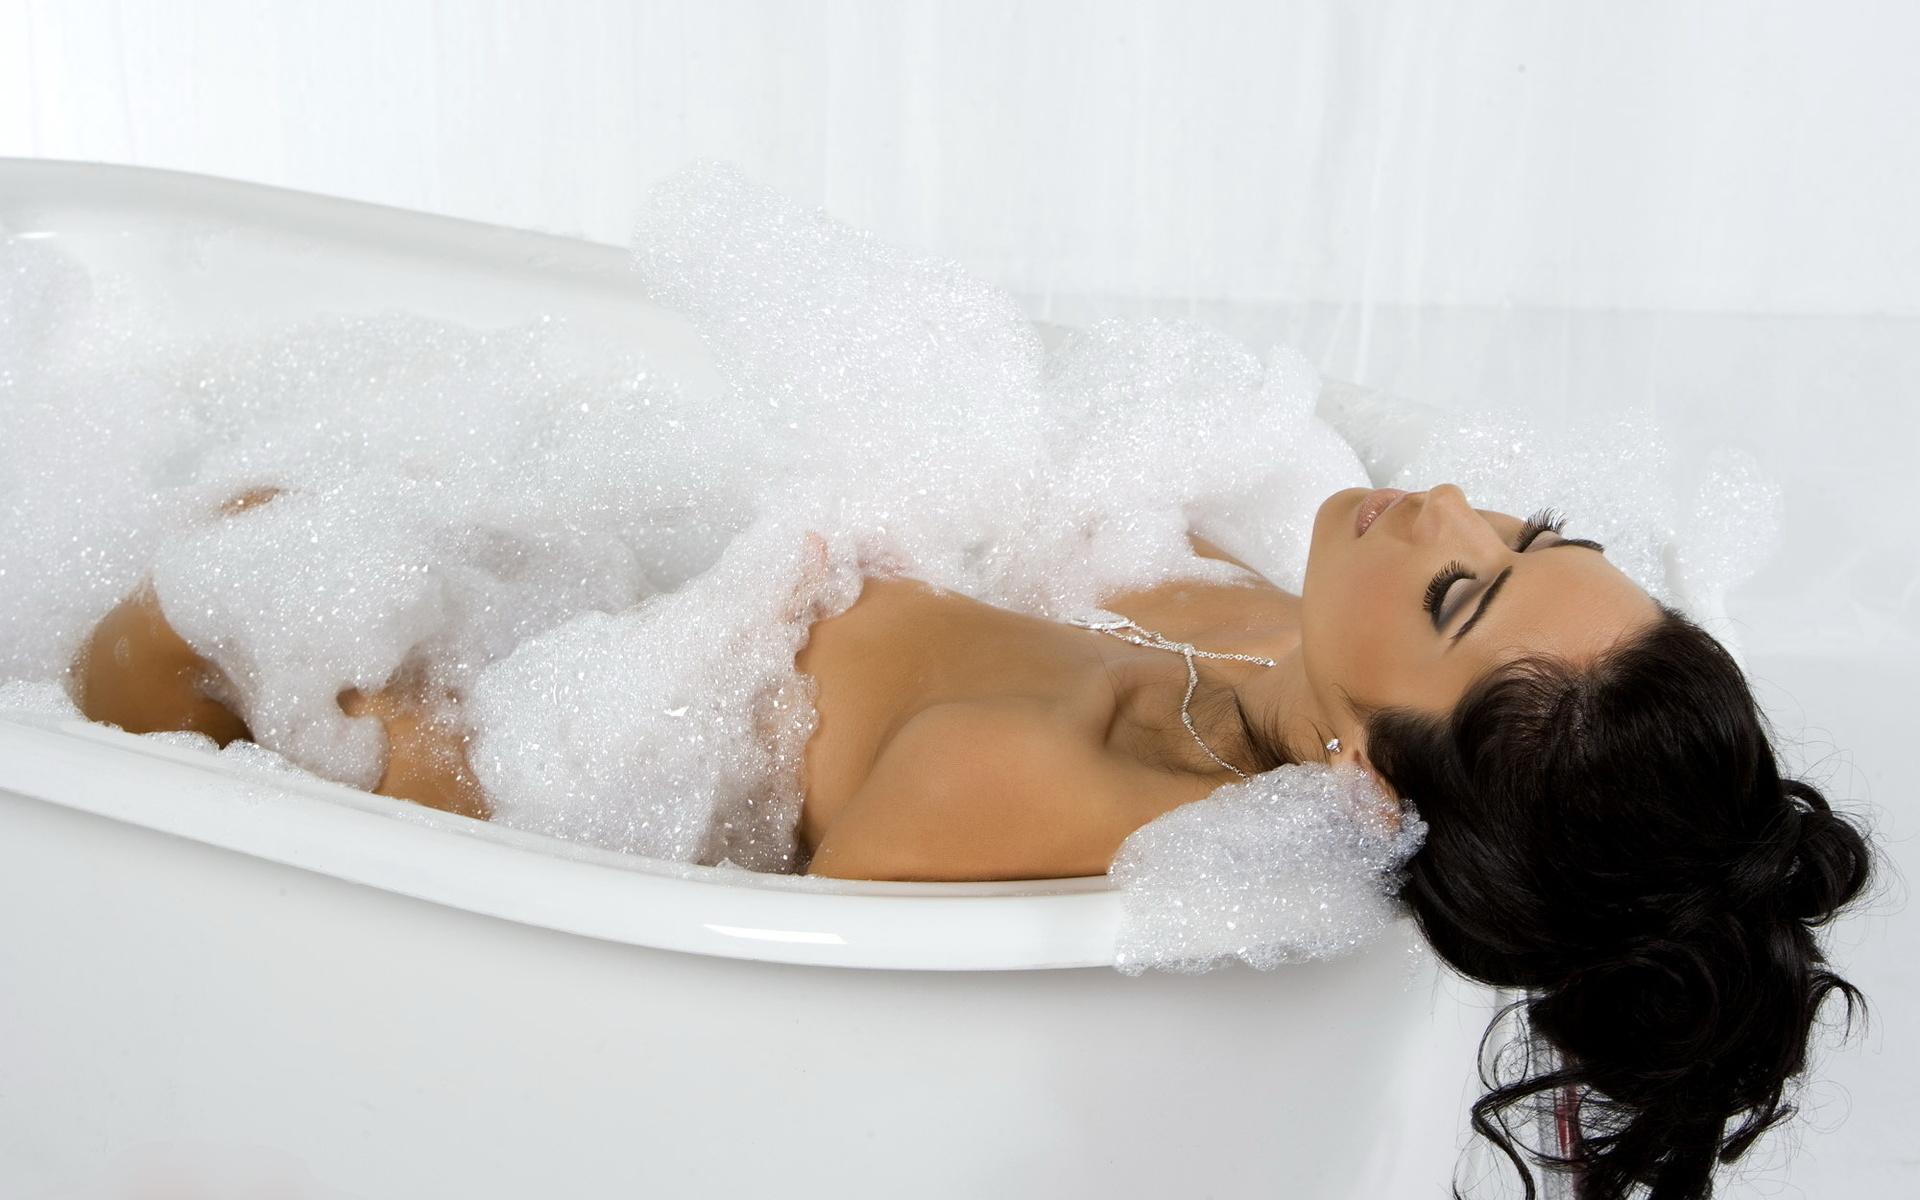 фото я в ванной спортивное телосложение культ